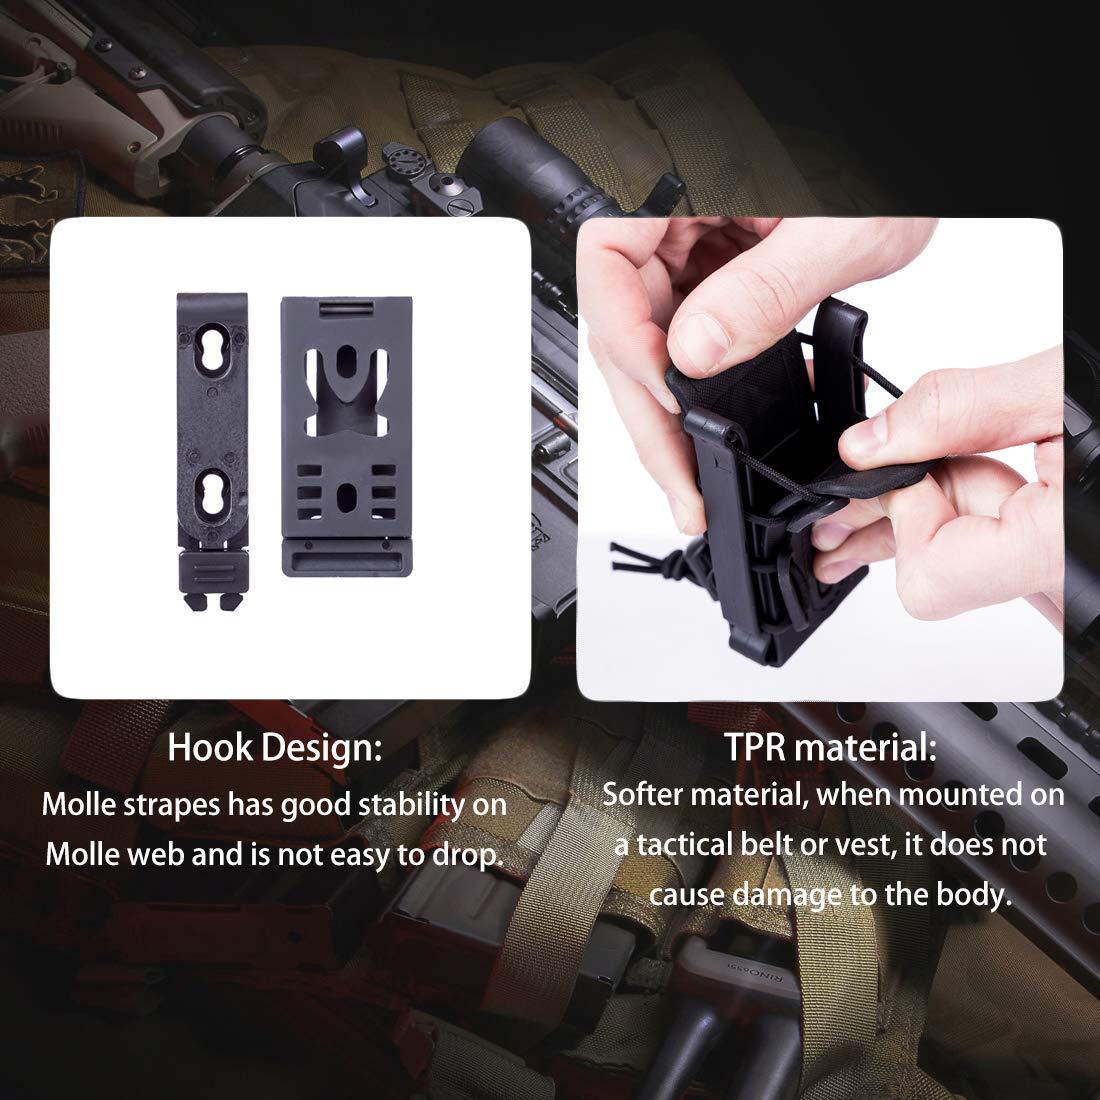 9mm Taktische Magazintasche Molle Fastmag Airsoft Magazine Holder f/ür 5.56//7.62 Mag 2Stk Seciie Mag Pouch Molle